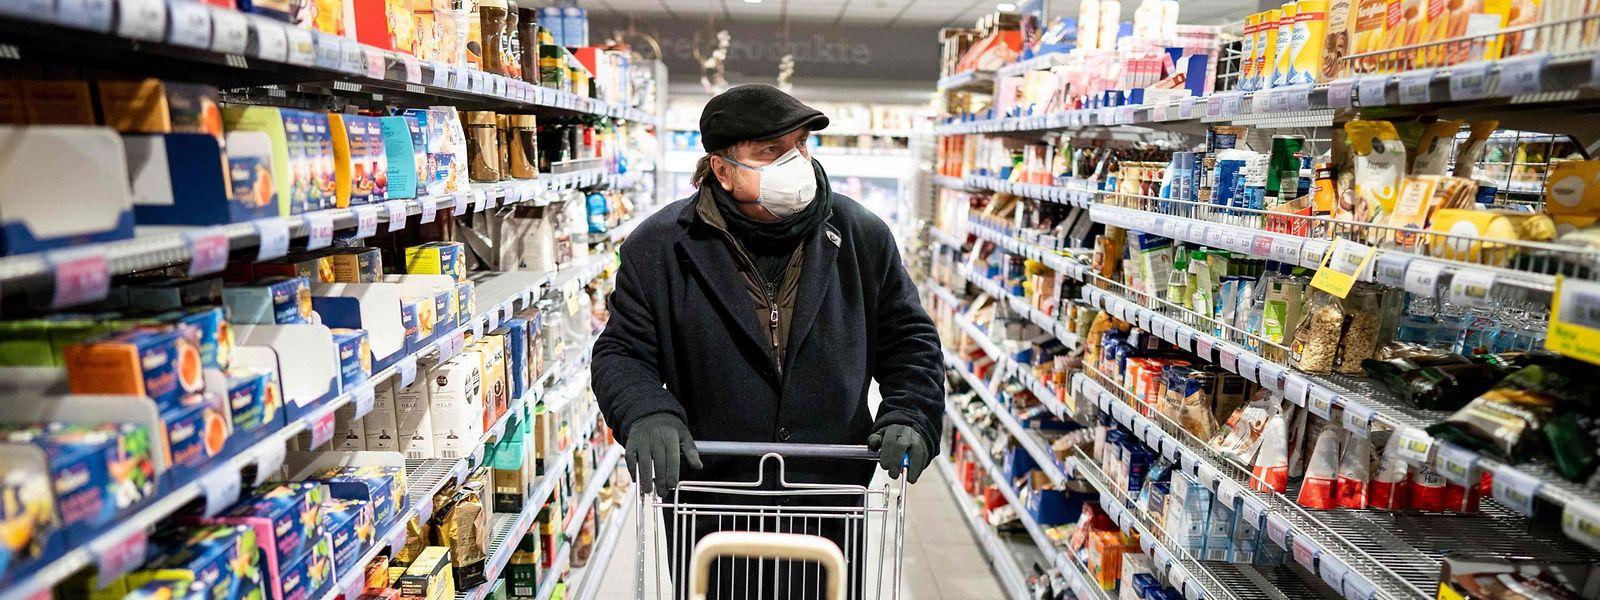 Les supermarchés, tout comme Xavier Bettel, appellent les consommateurs à acheter leurs produits en quantité raisonnable.